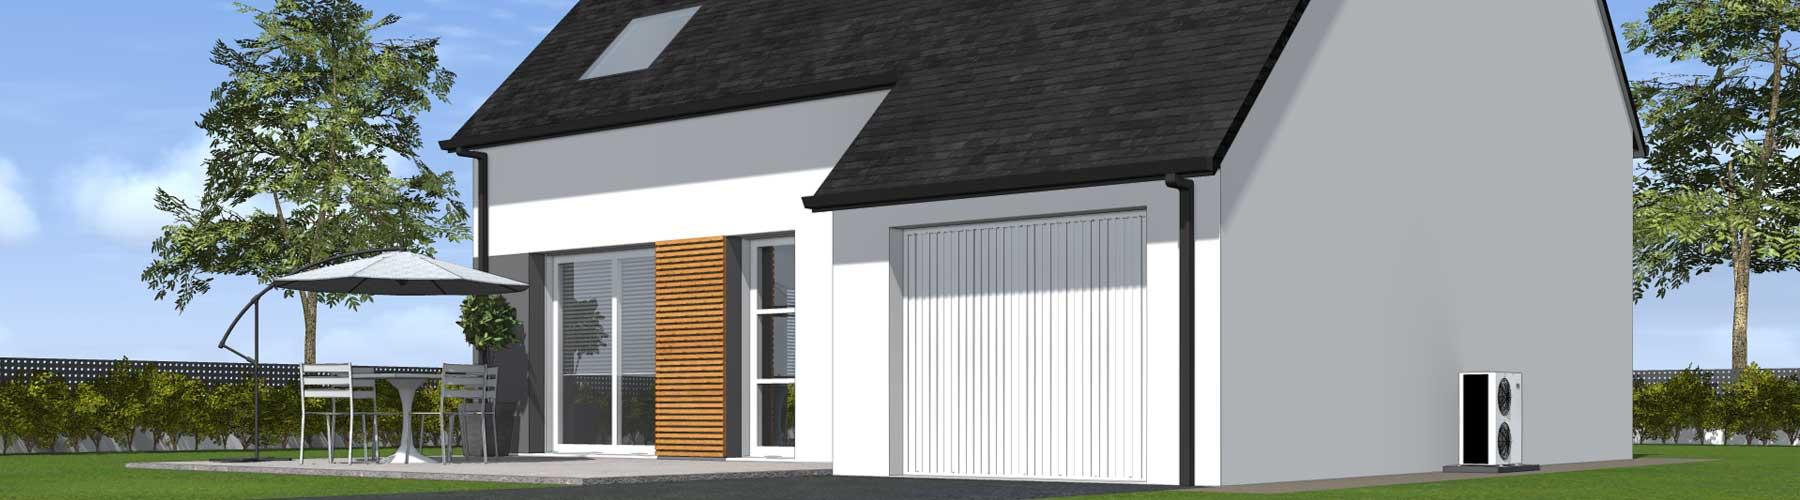 constructeur maisons traditionnelle maisons clefs d 39 or constructeur bretagne. Black Bedroom Furniture Sets. Home Design Ideas